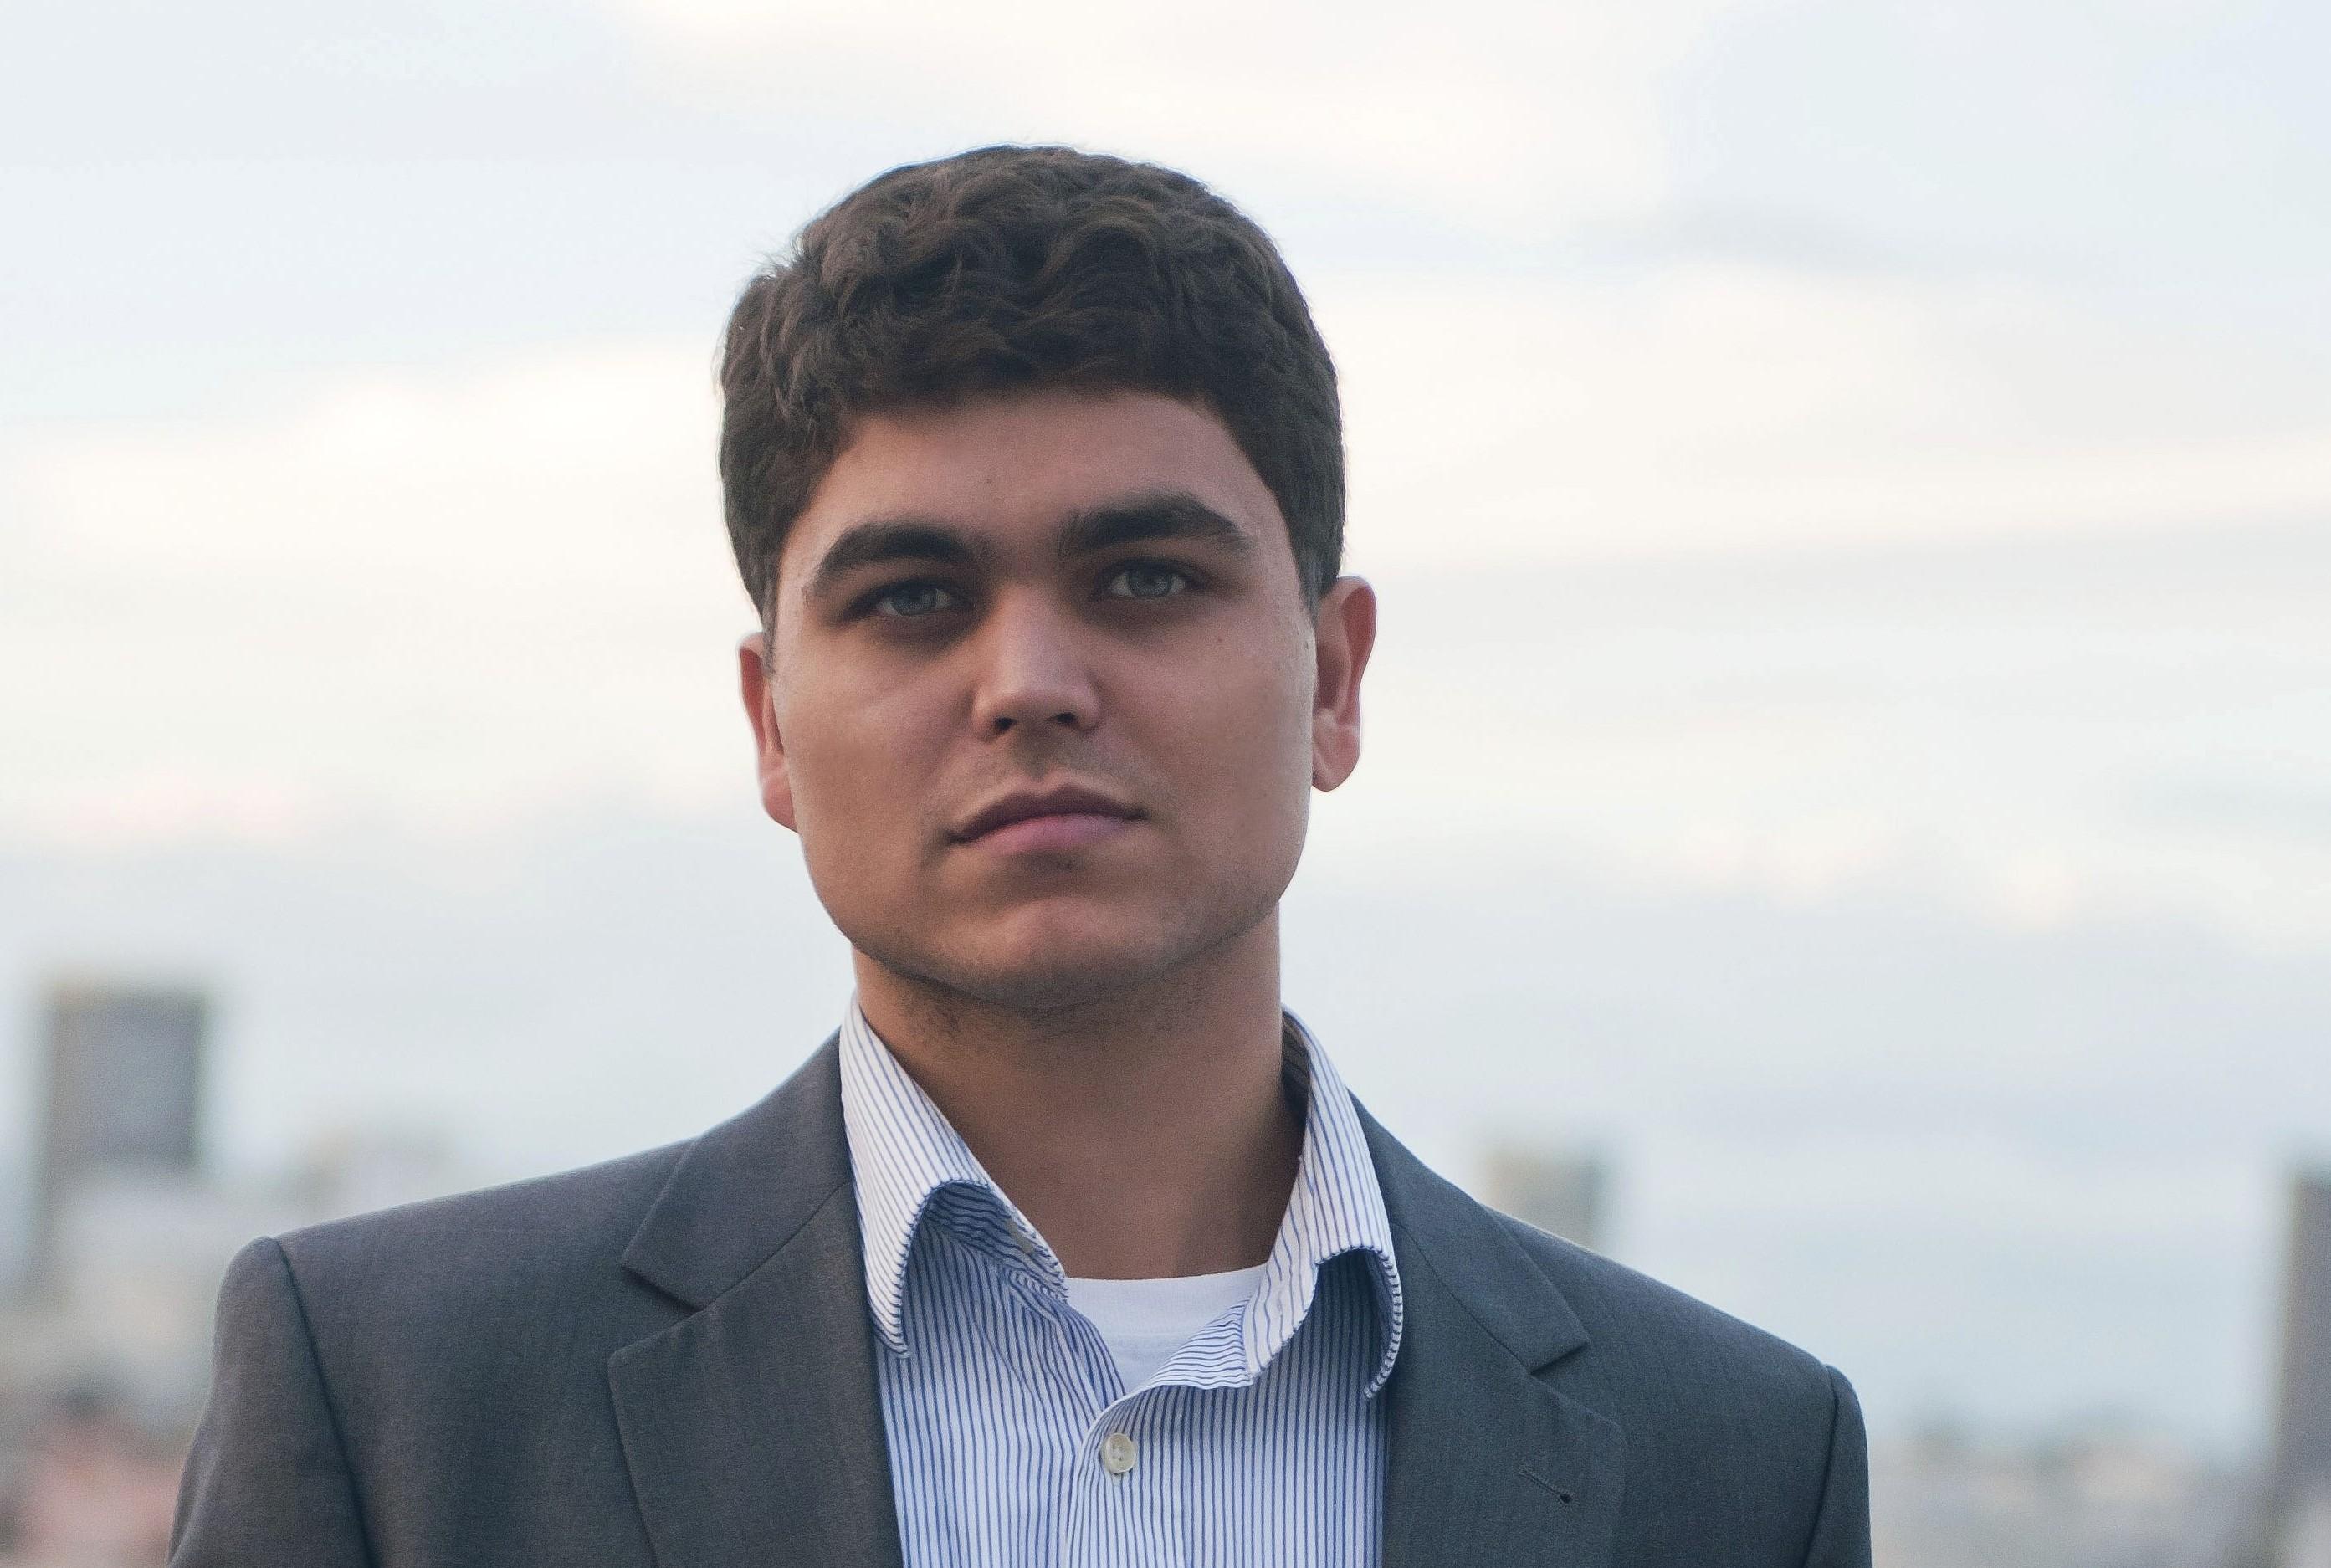 Jovem empresário é considerado um dos mais influentes do país - Divulgação/ND